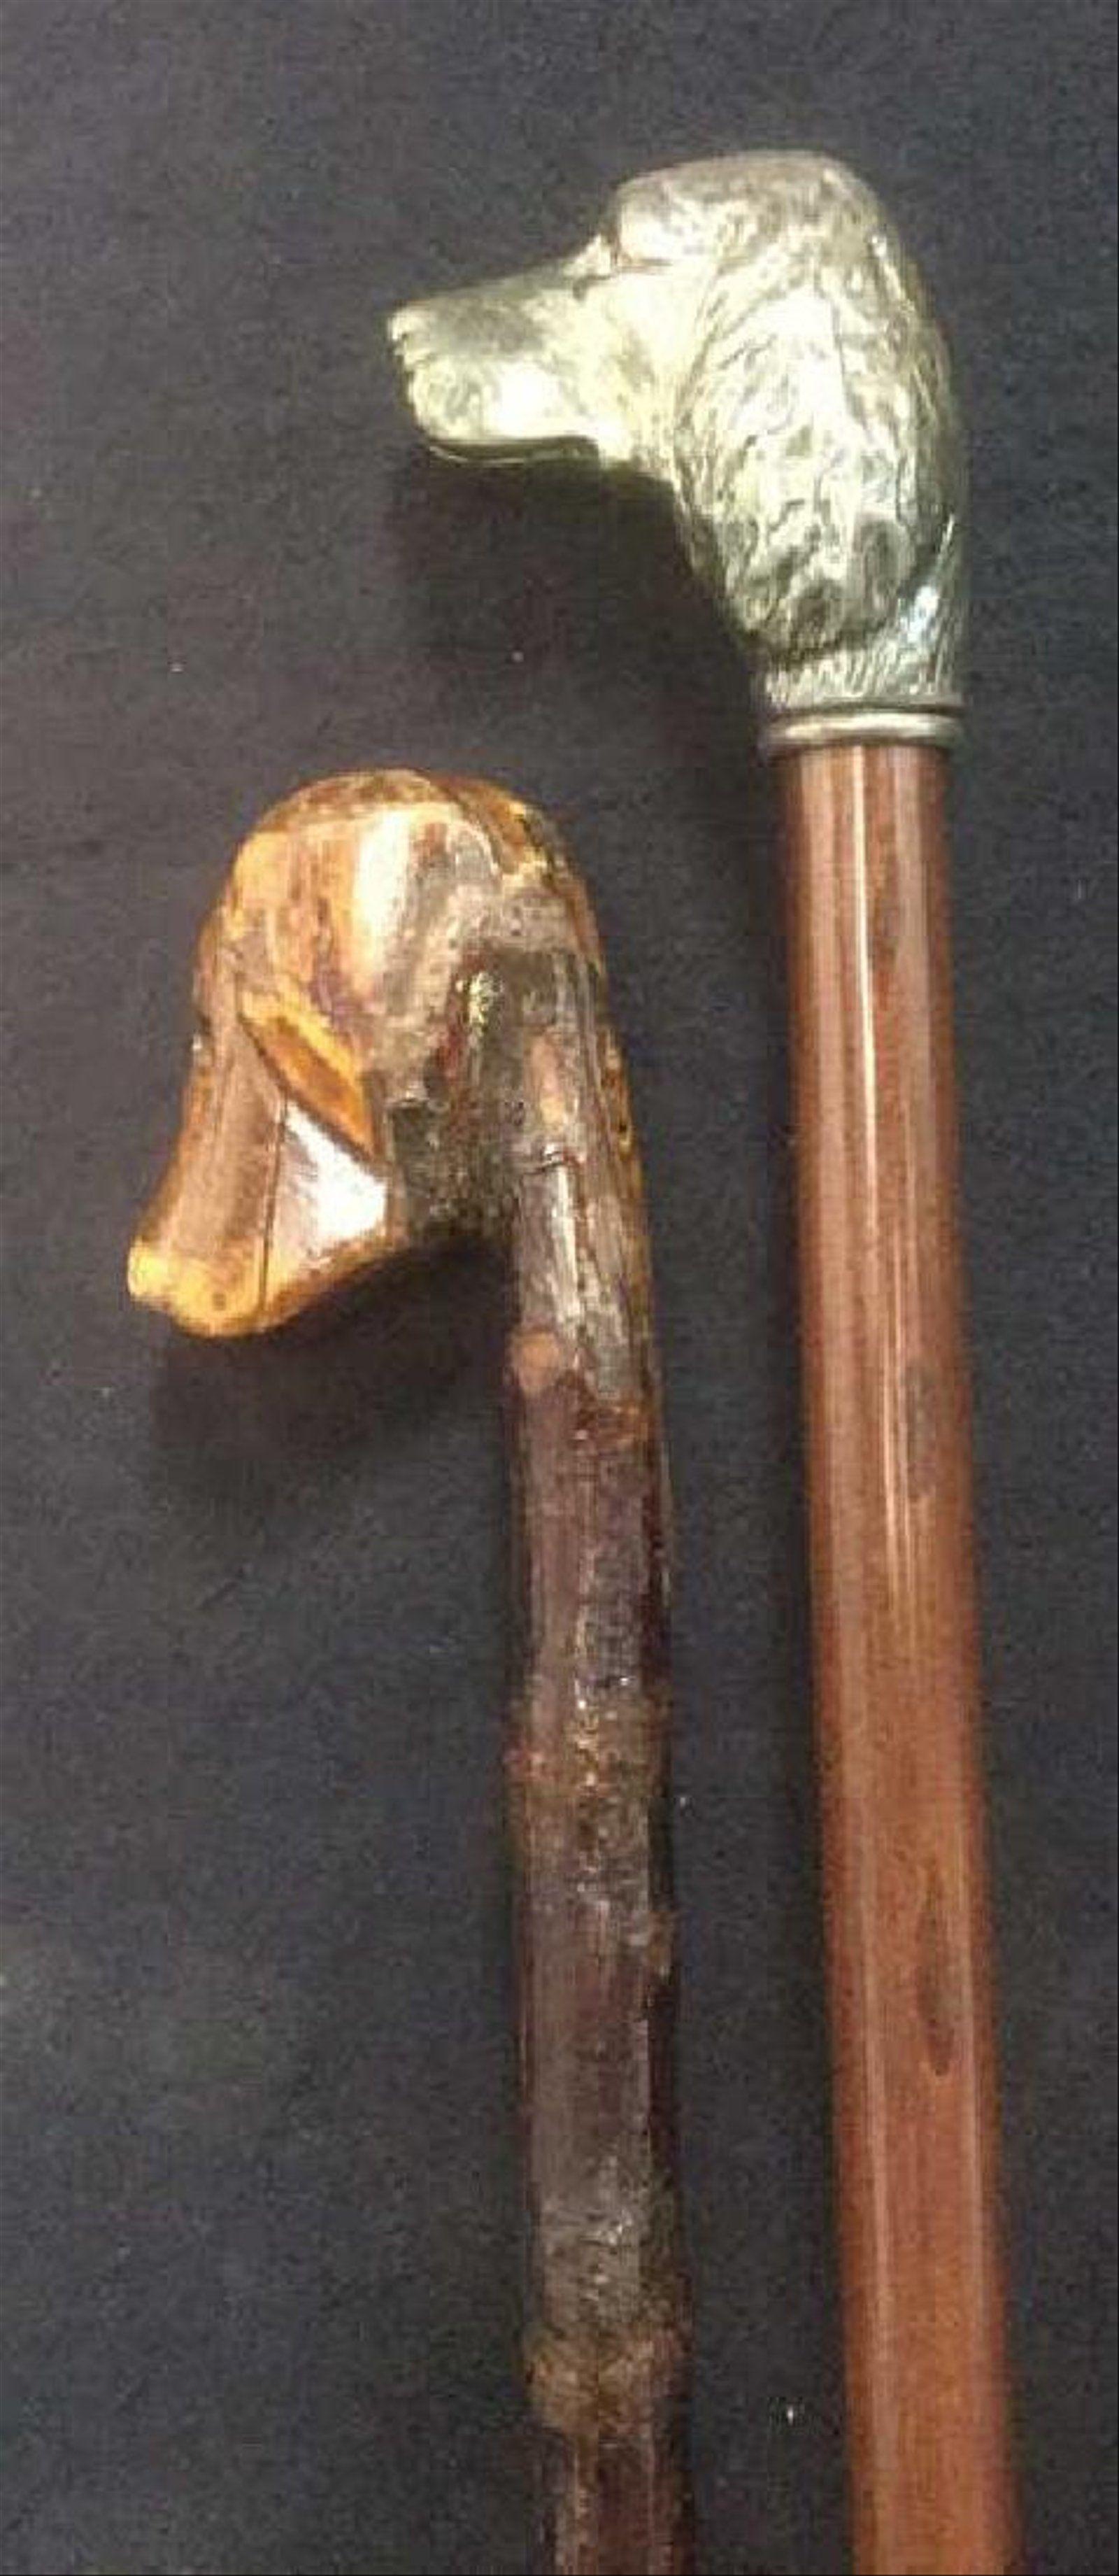 Vintage Beautiful Brass Peacock wooden Walking Cane Walking Stick Vintage Gift